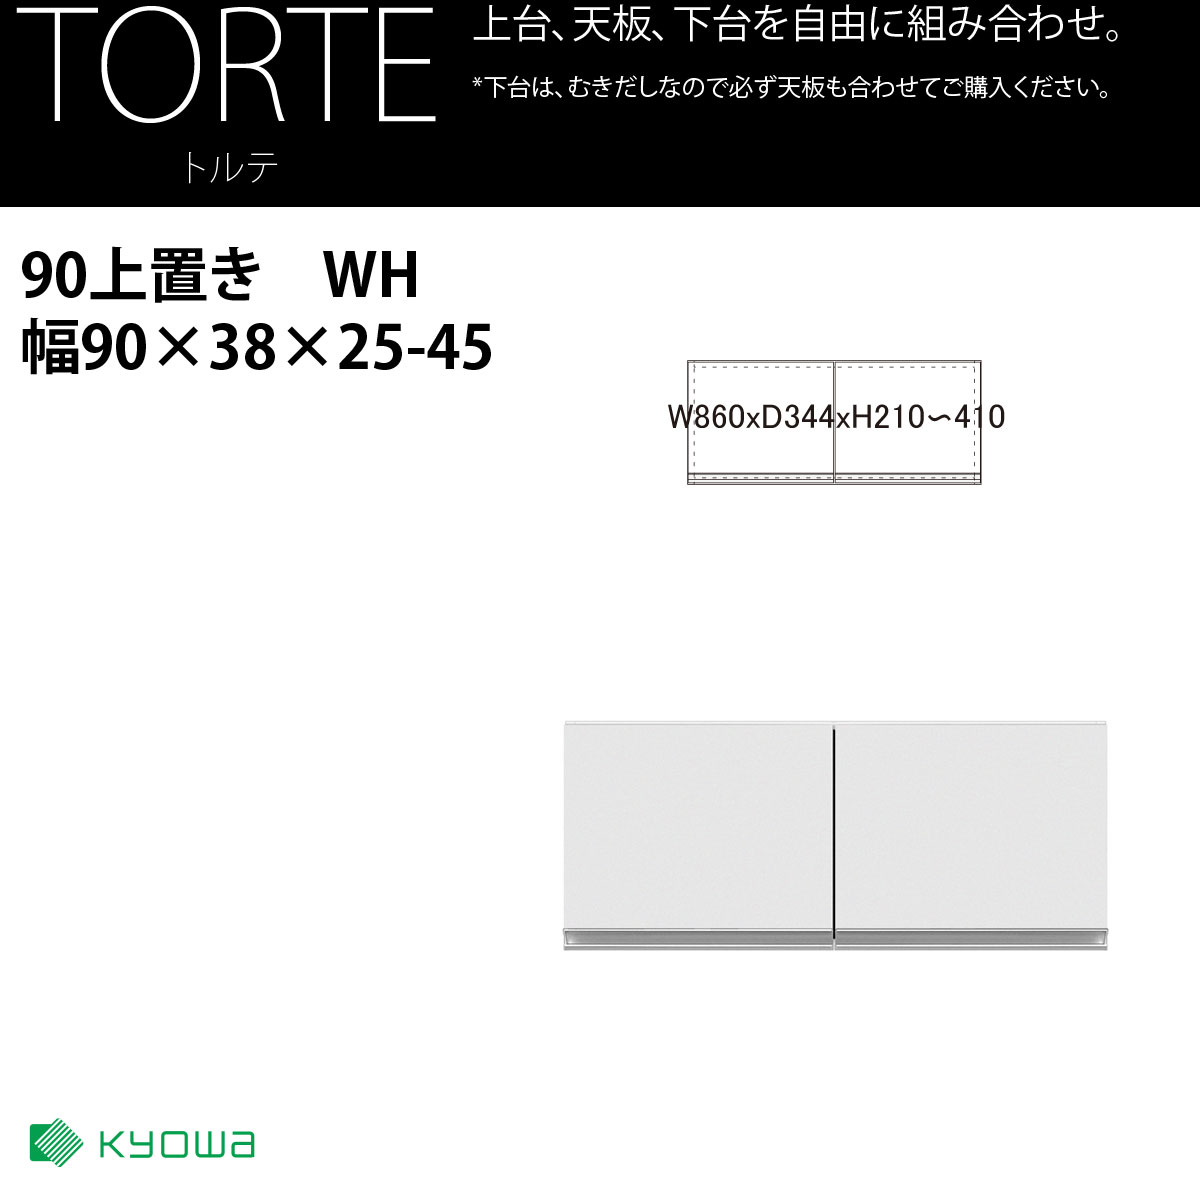 共和産業 トルテ 高さオーダー上置き 90 ホワイト【幅90×高さ25-45cm】 日本製 国産